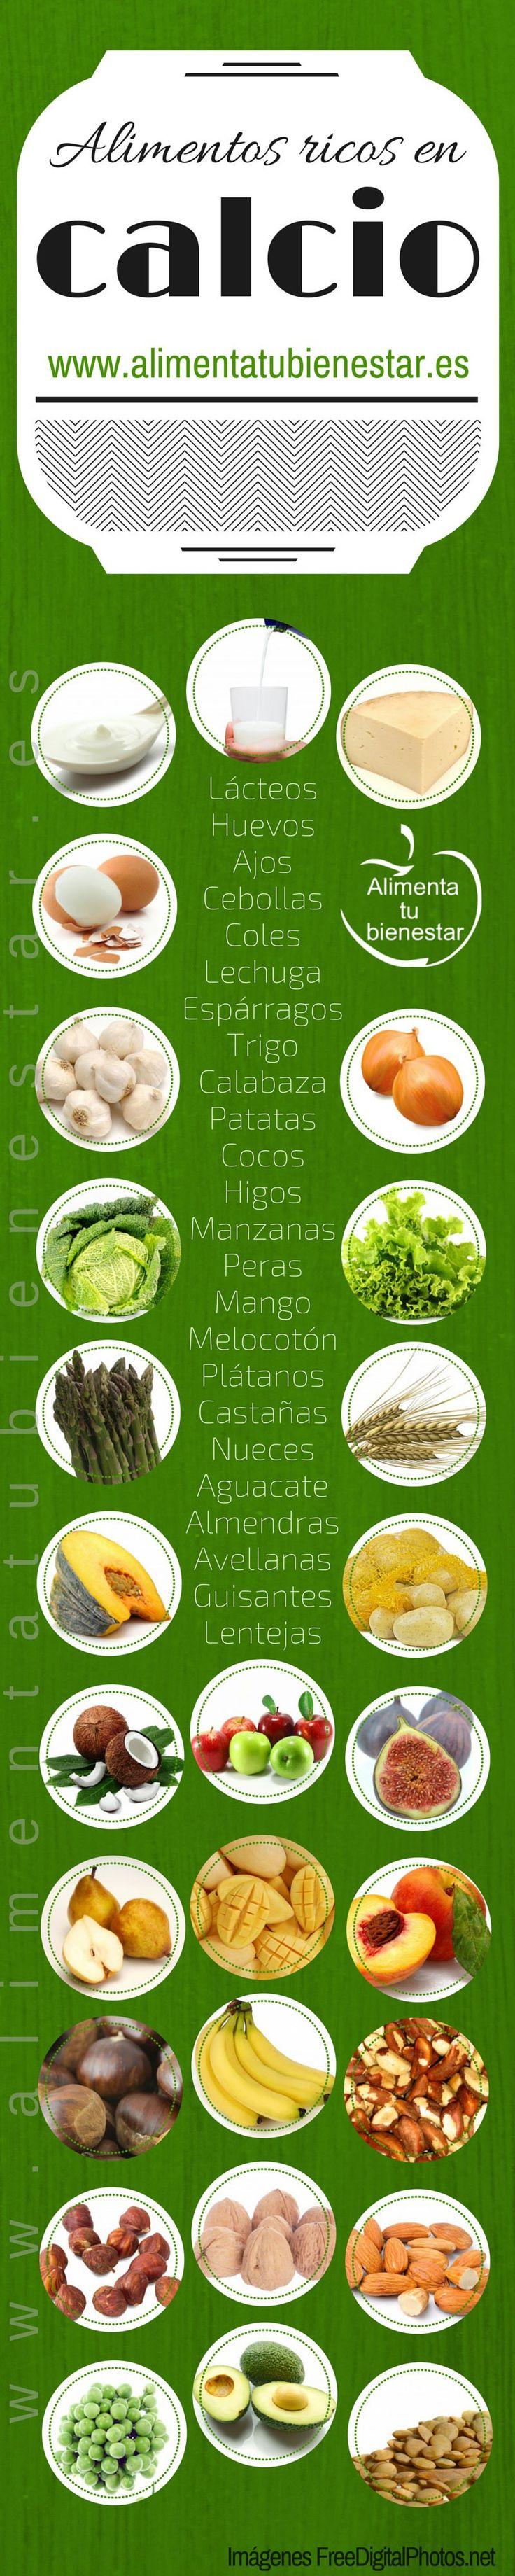 Calcio, encuentra en los alimentos que más contienen calcio y combate la osteoporosis. con alimentatubienestar.es #Calcio #AlimentacionSaludable #Osteoporosis